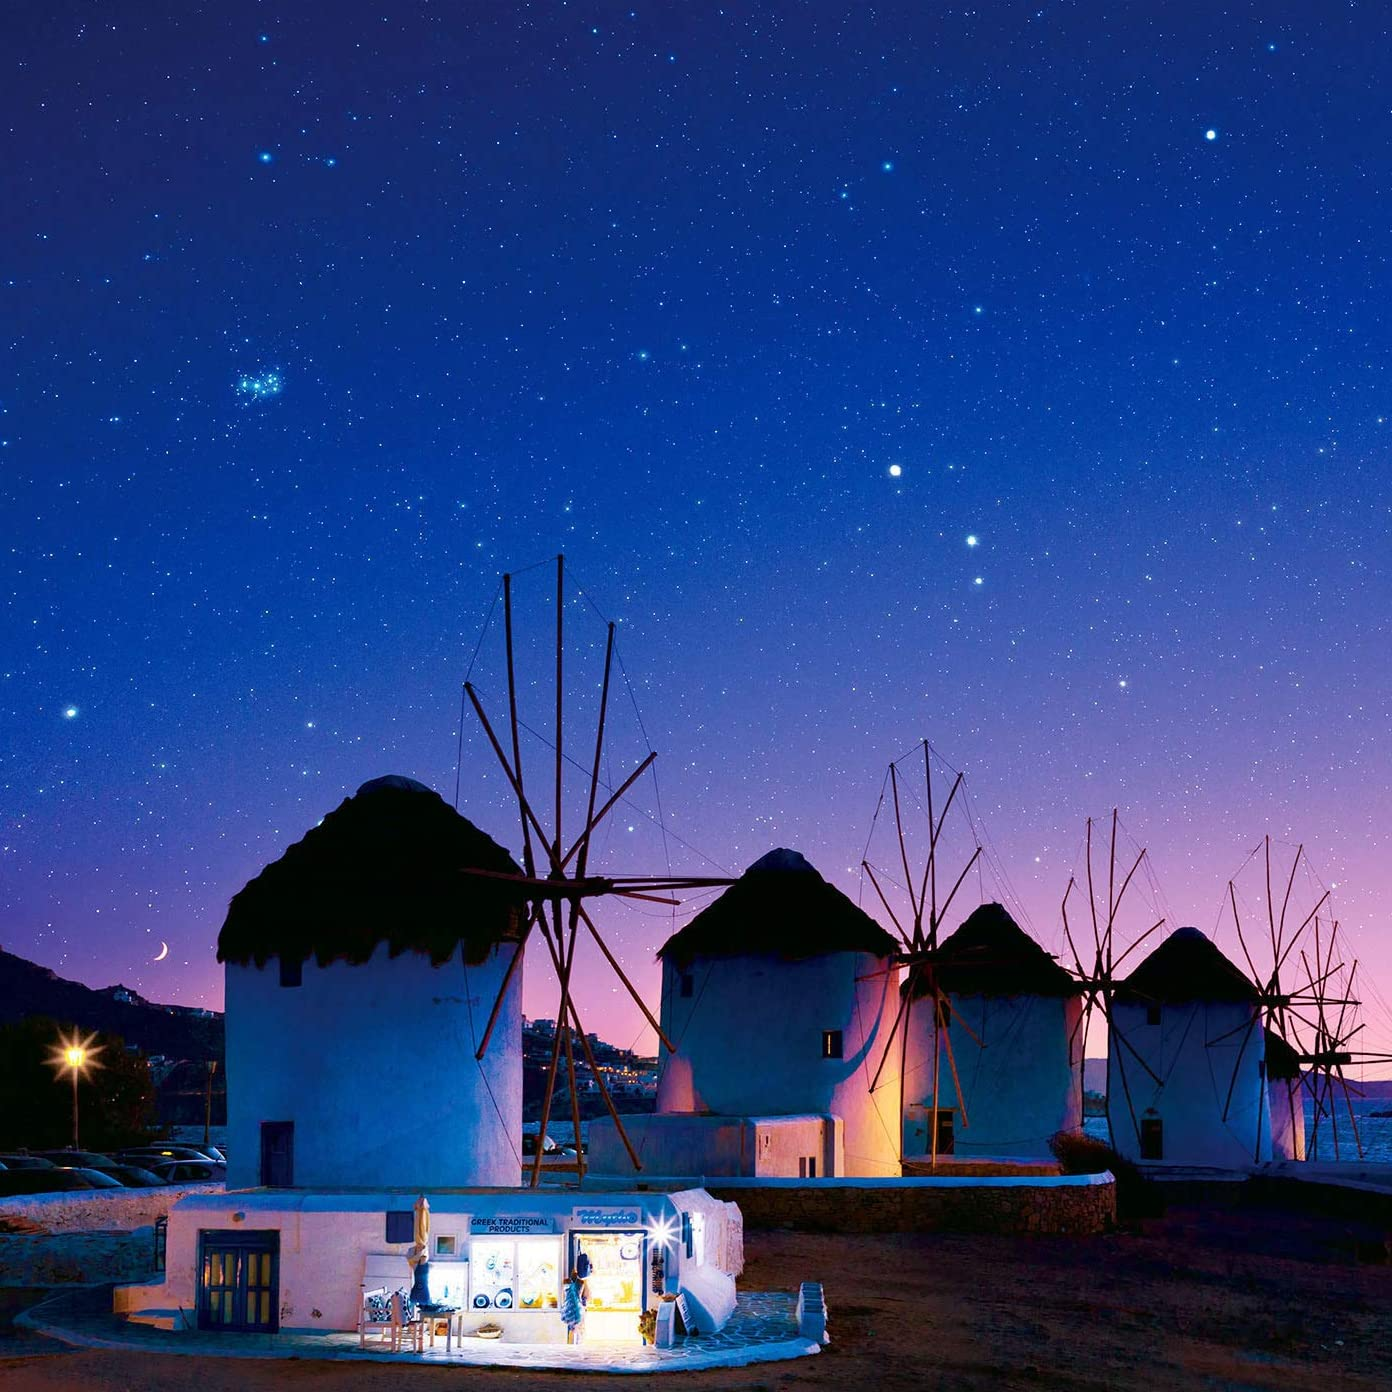 星空 Ipad壁紙 ミコノス島に住む輝く夜空の星 その他 スマホ用画像115563